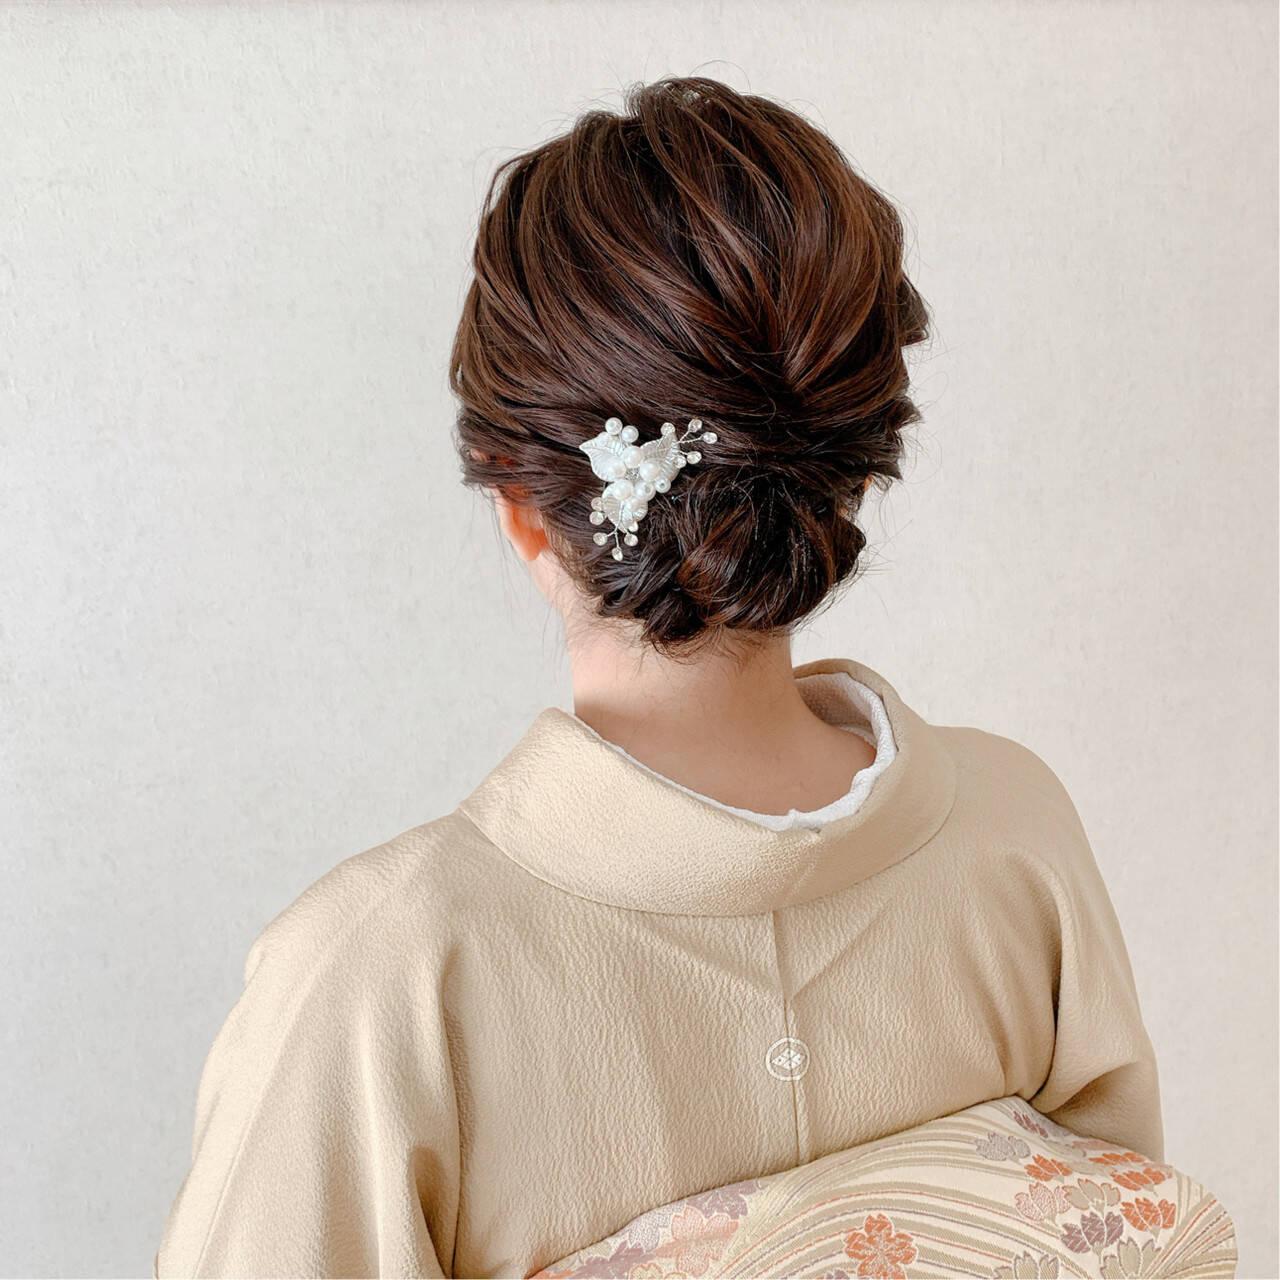 お呼ばれ 訪問着 着物 ミディアムヘアスタイルや髪型の写真・画像